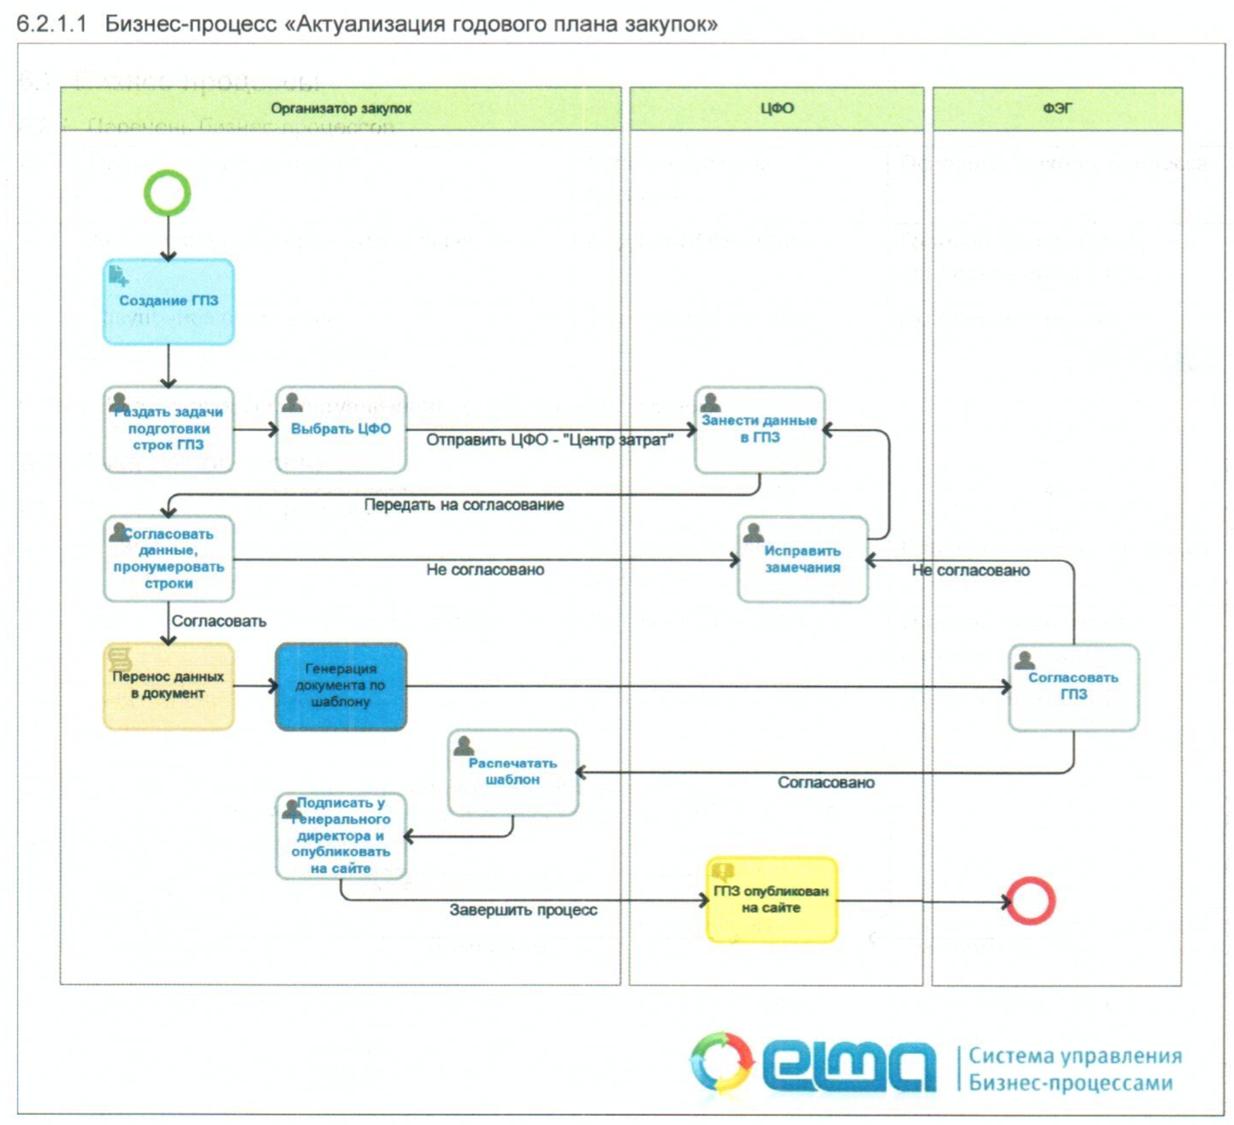 Составление схем бизнес-процессов